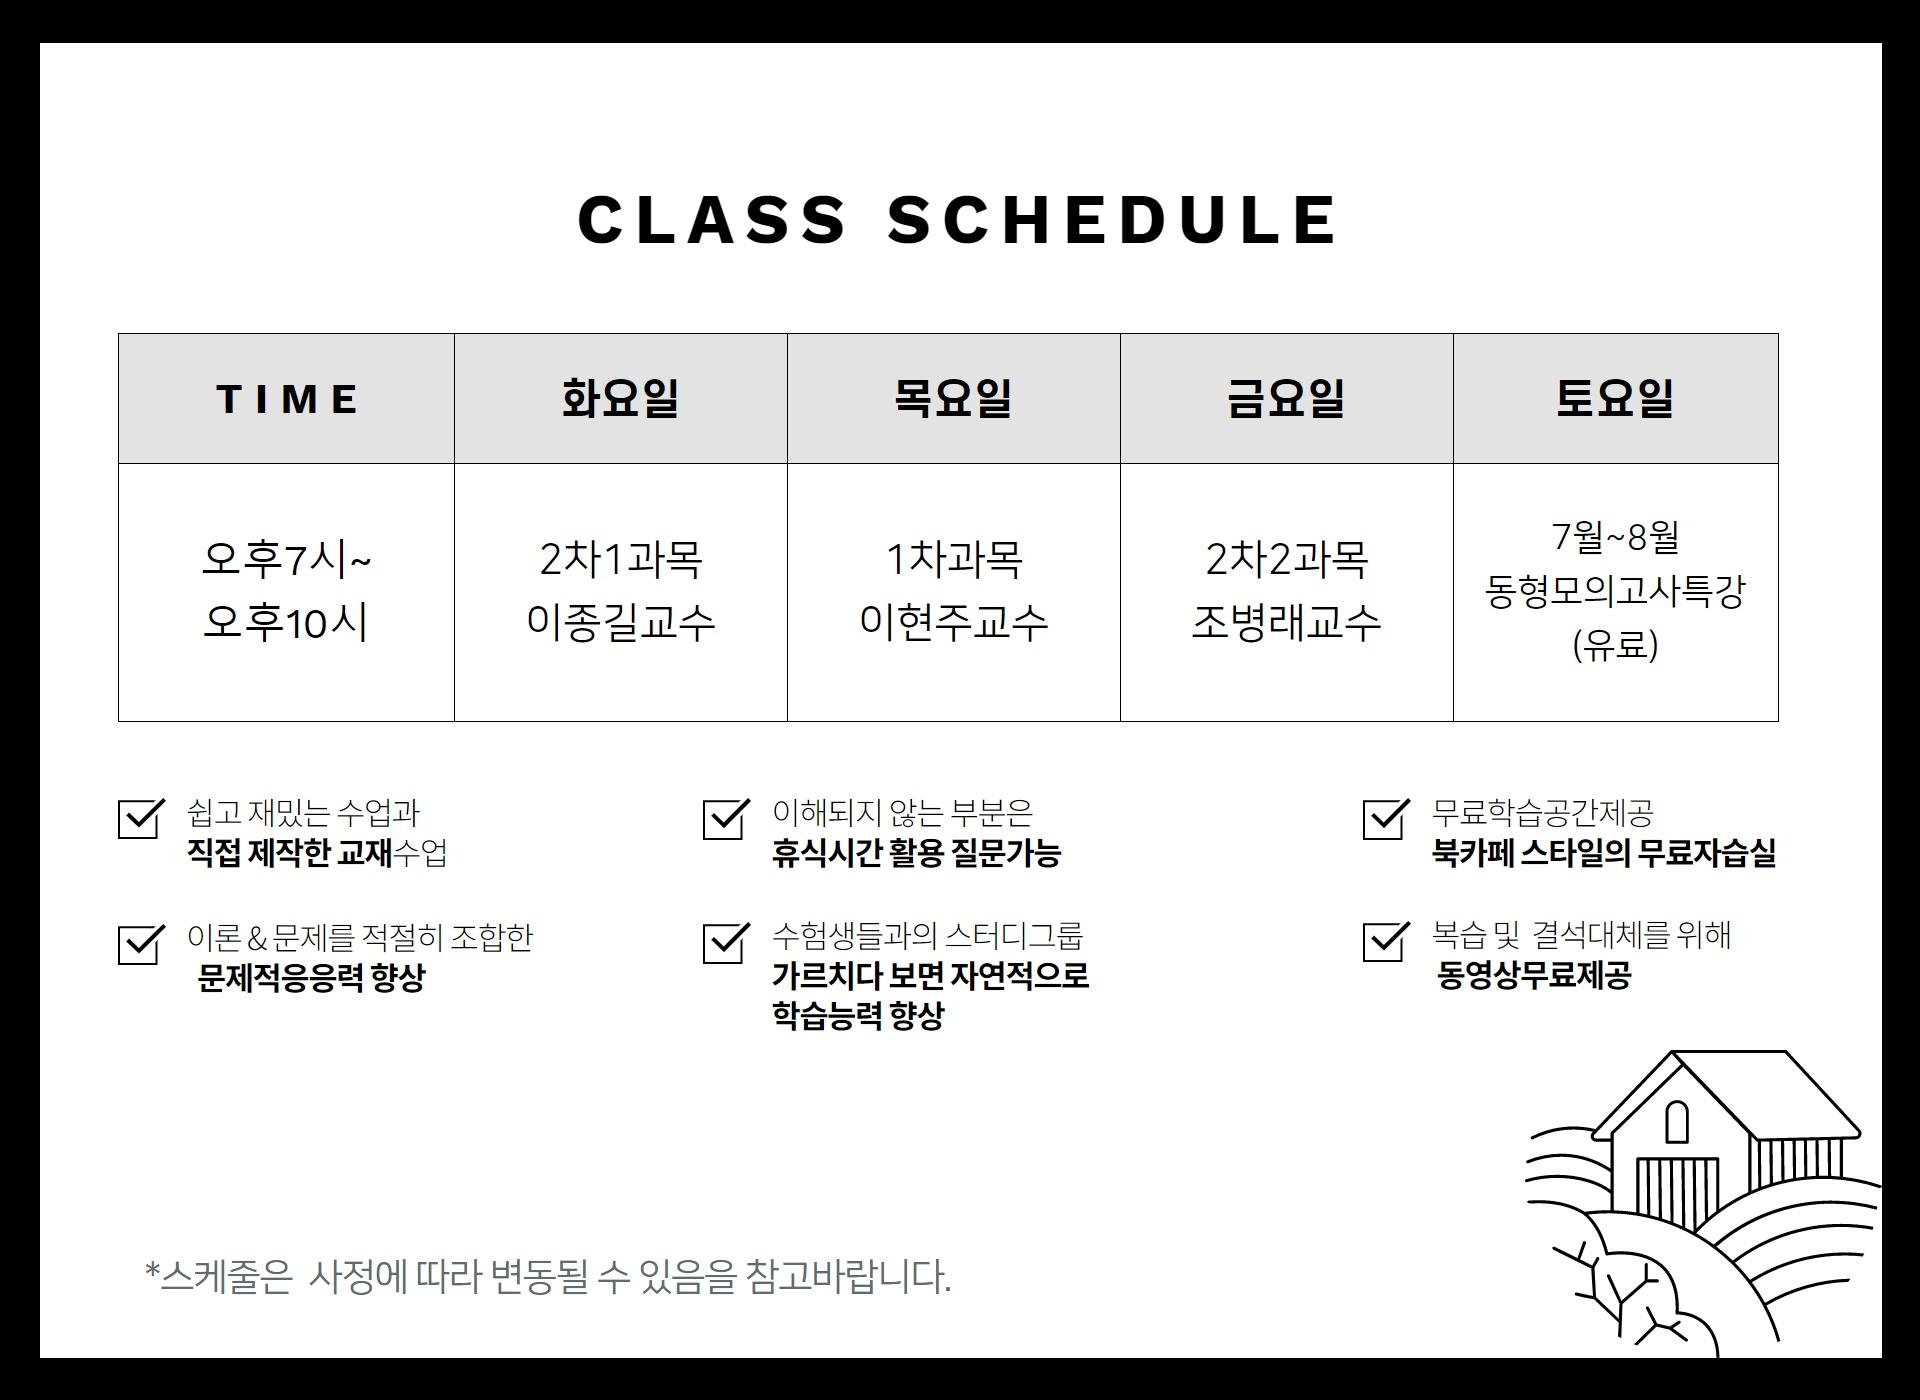 손평에듀 손해평가사 학원용 시간표